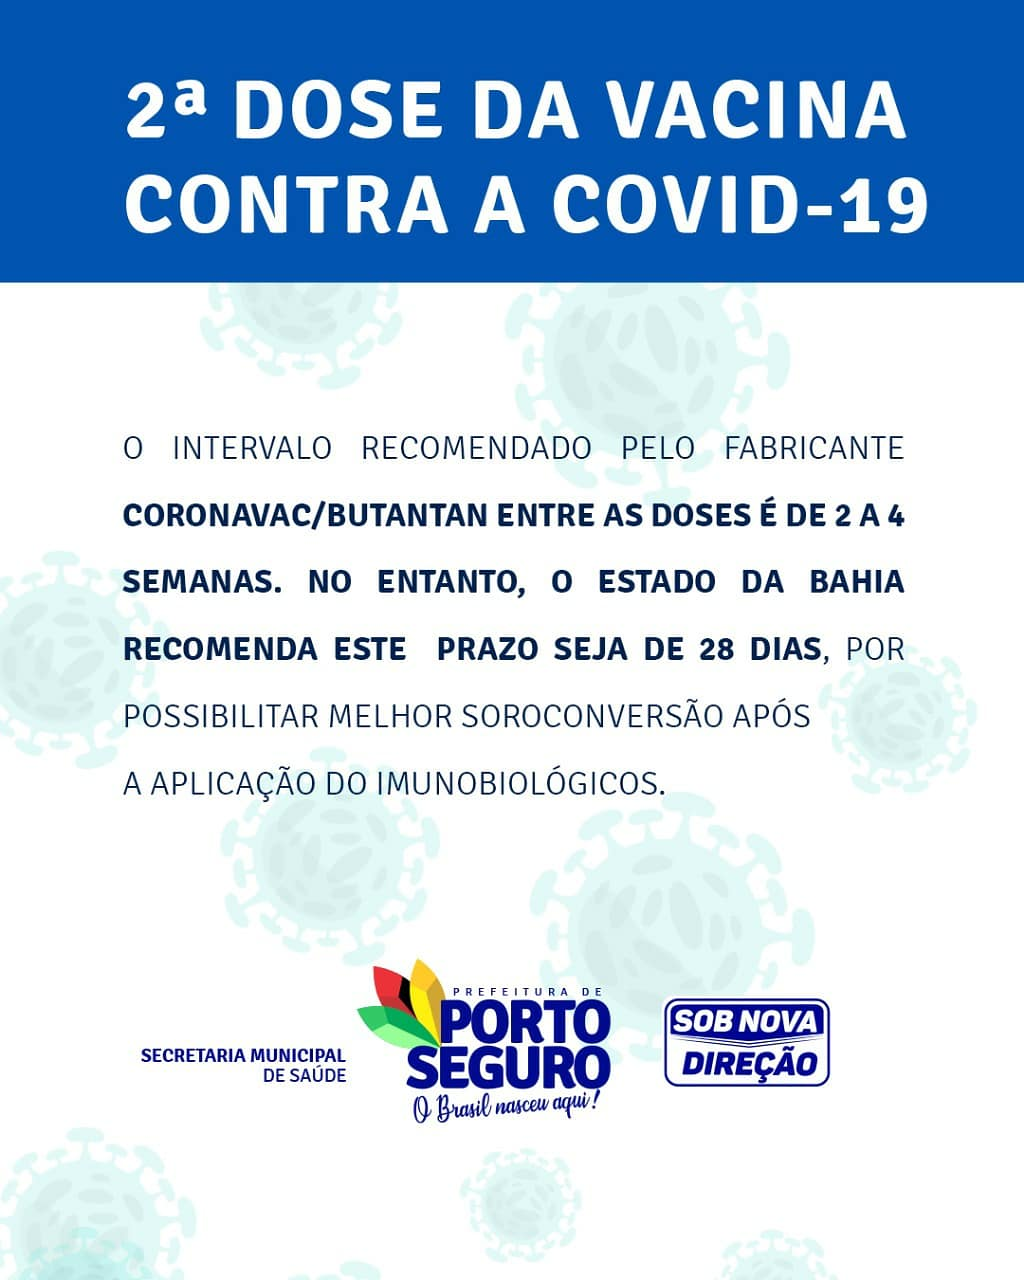 A prefeitura de Porto Seguro, por meio da Secretaria Municipal de Saúde informa que a 2ª dose da vacina contra a COVID-19 já está disponível para os Profissionais de Saúde que receberam a 1ª dose da vacina 27